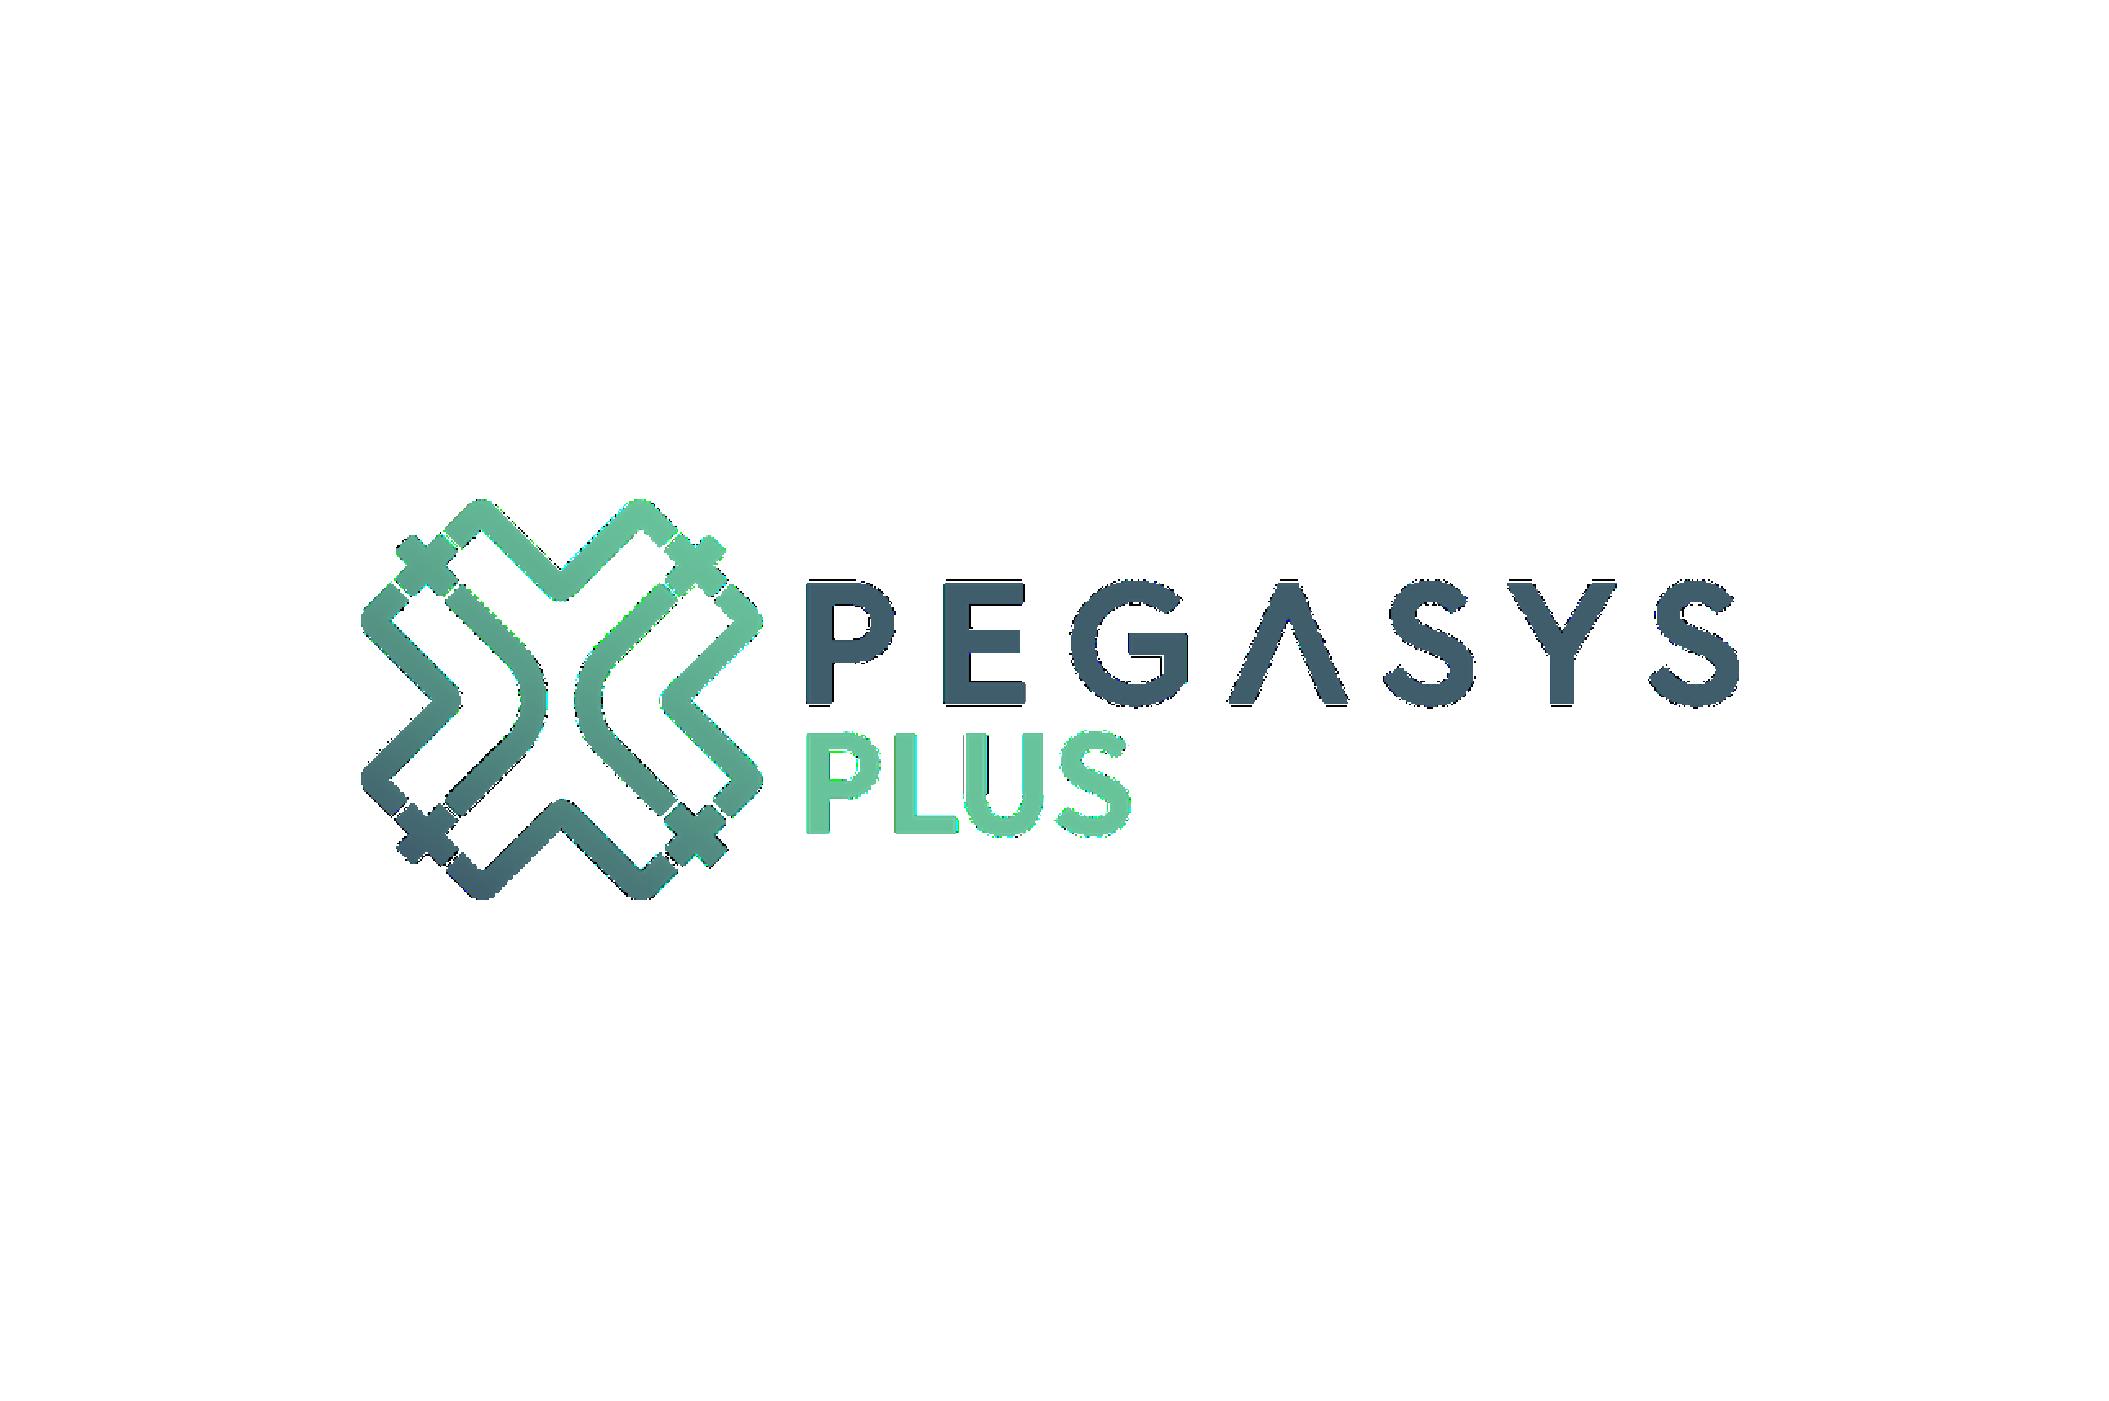 Pegasys plus logo